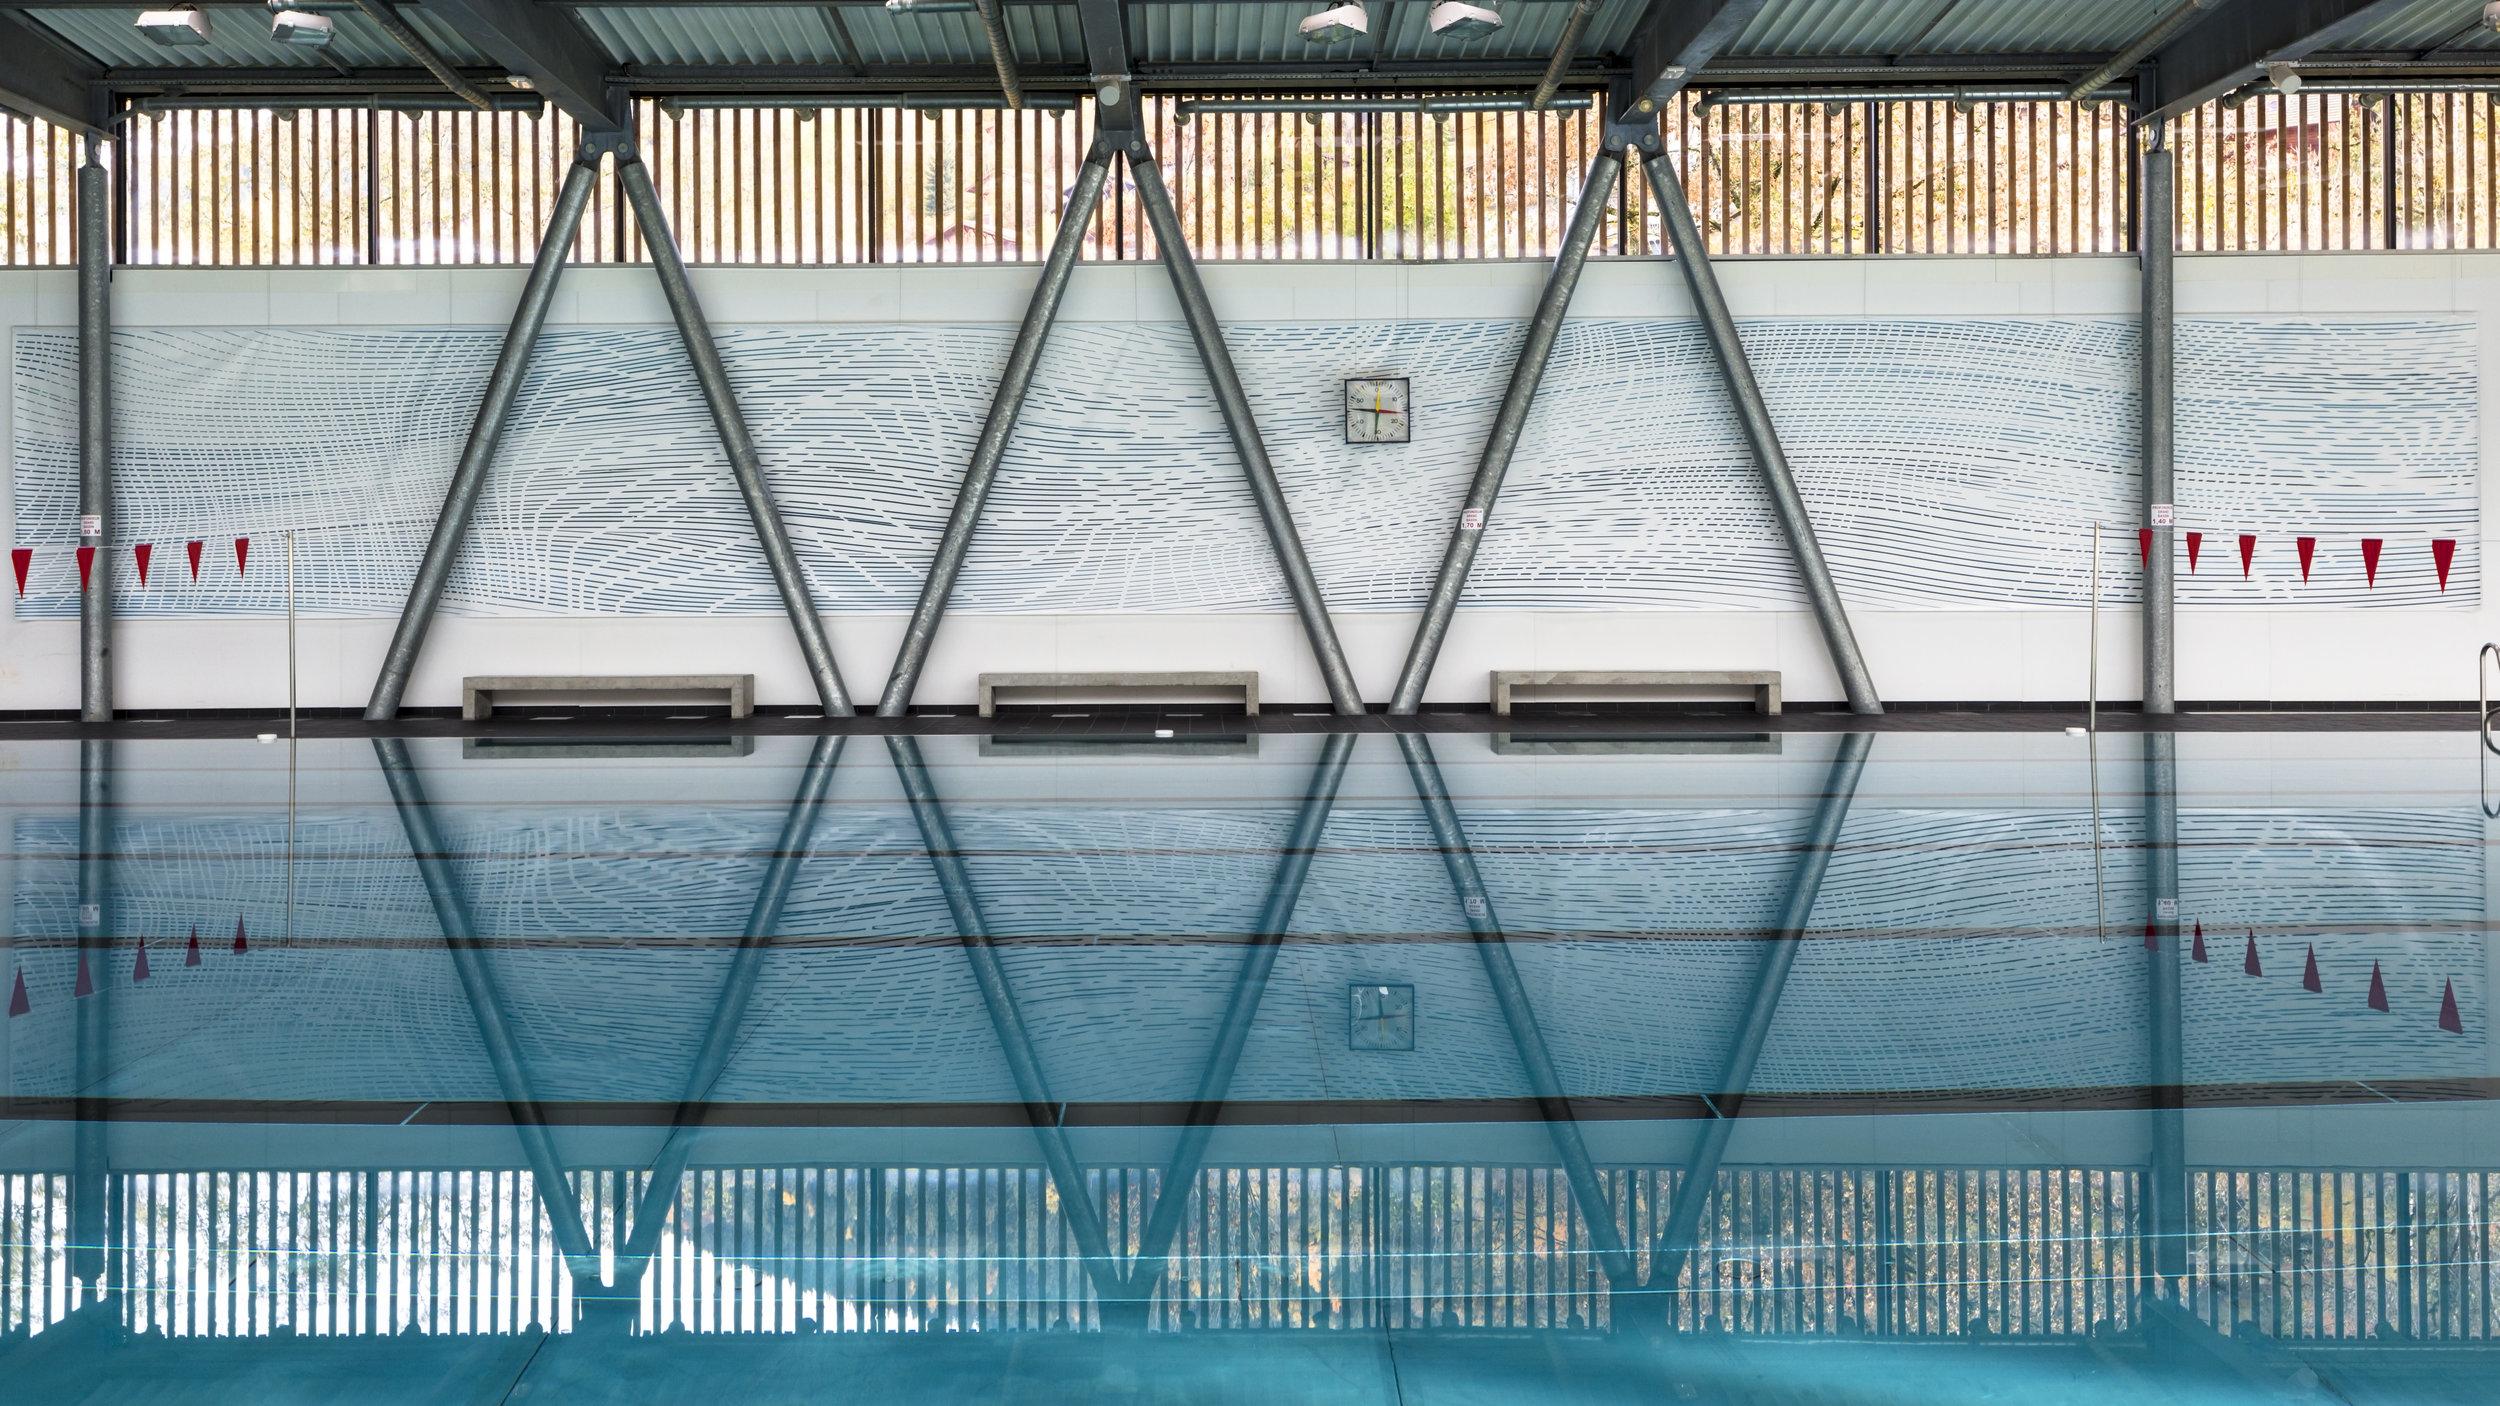 The Big Pool by Etienne de Fleurieu, peinture sur bâche